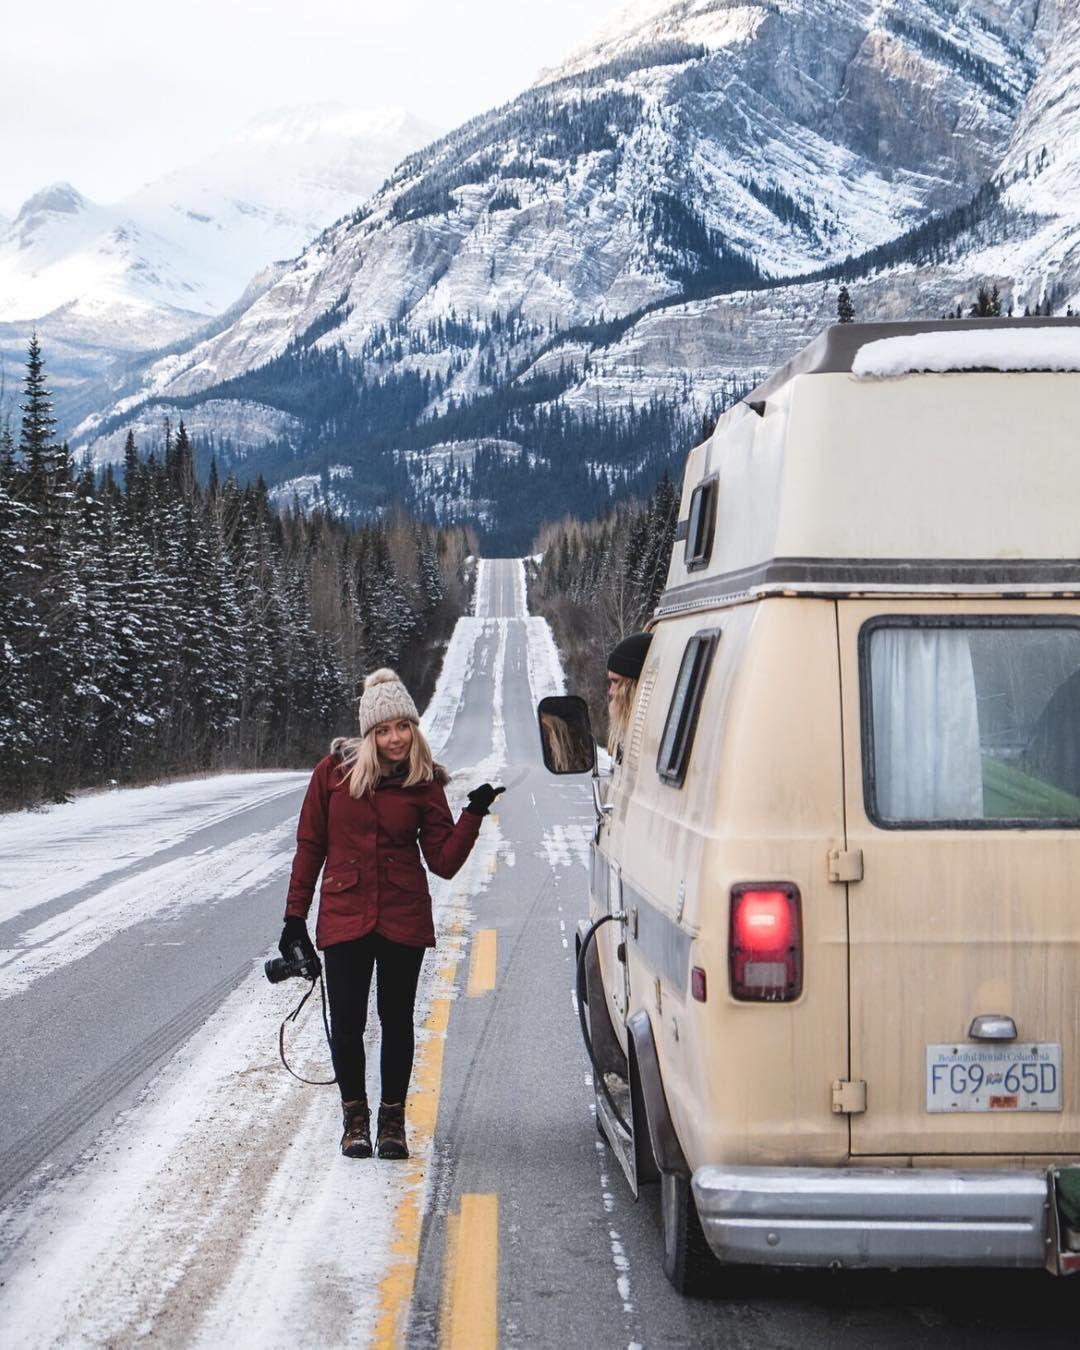 How to heat your van in winter van life camping hacks